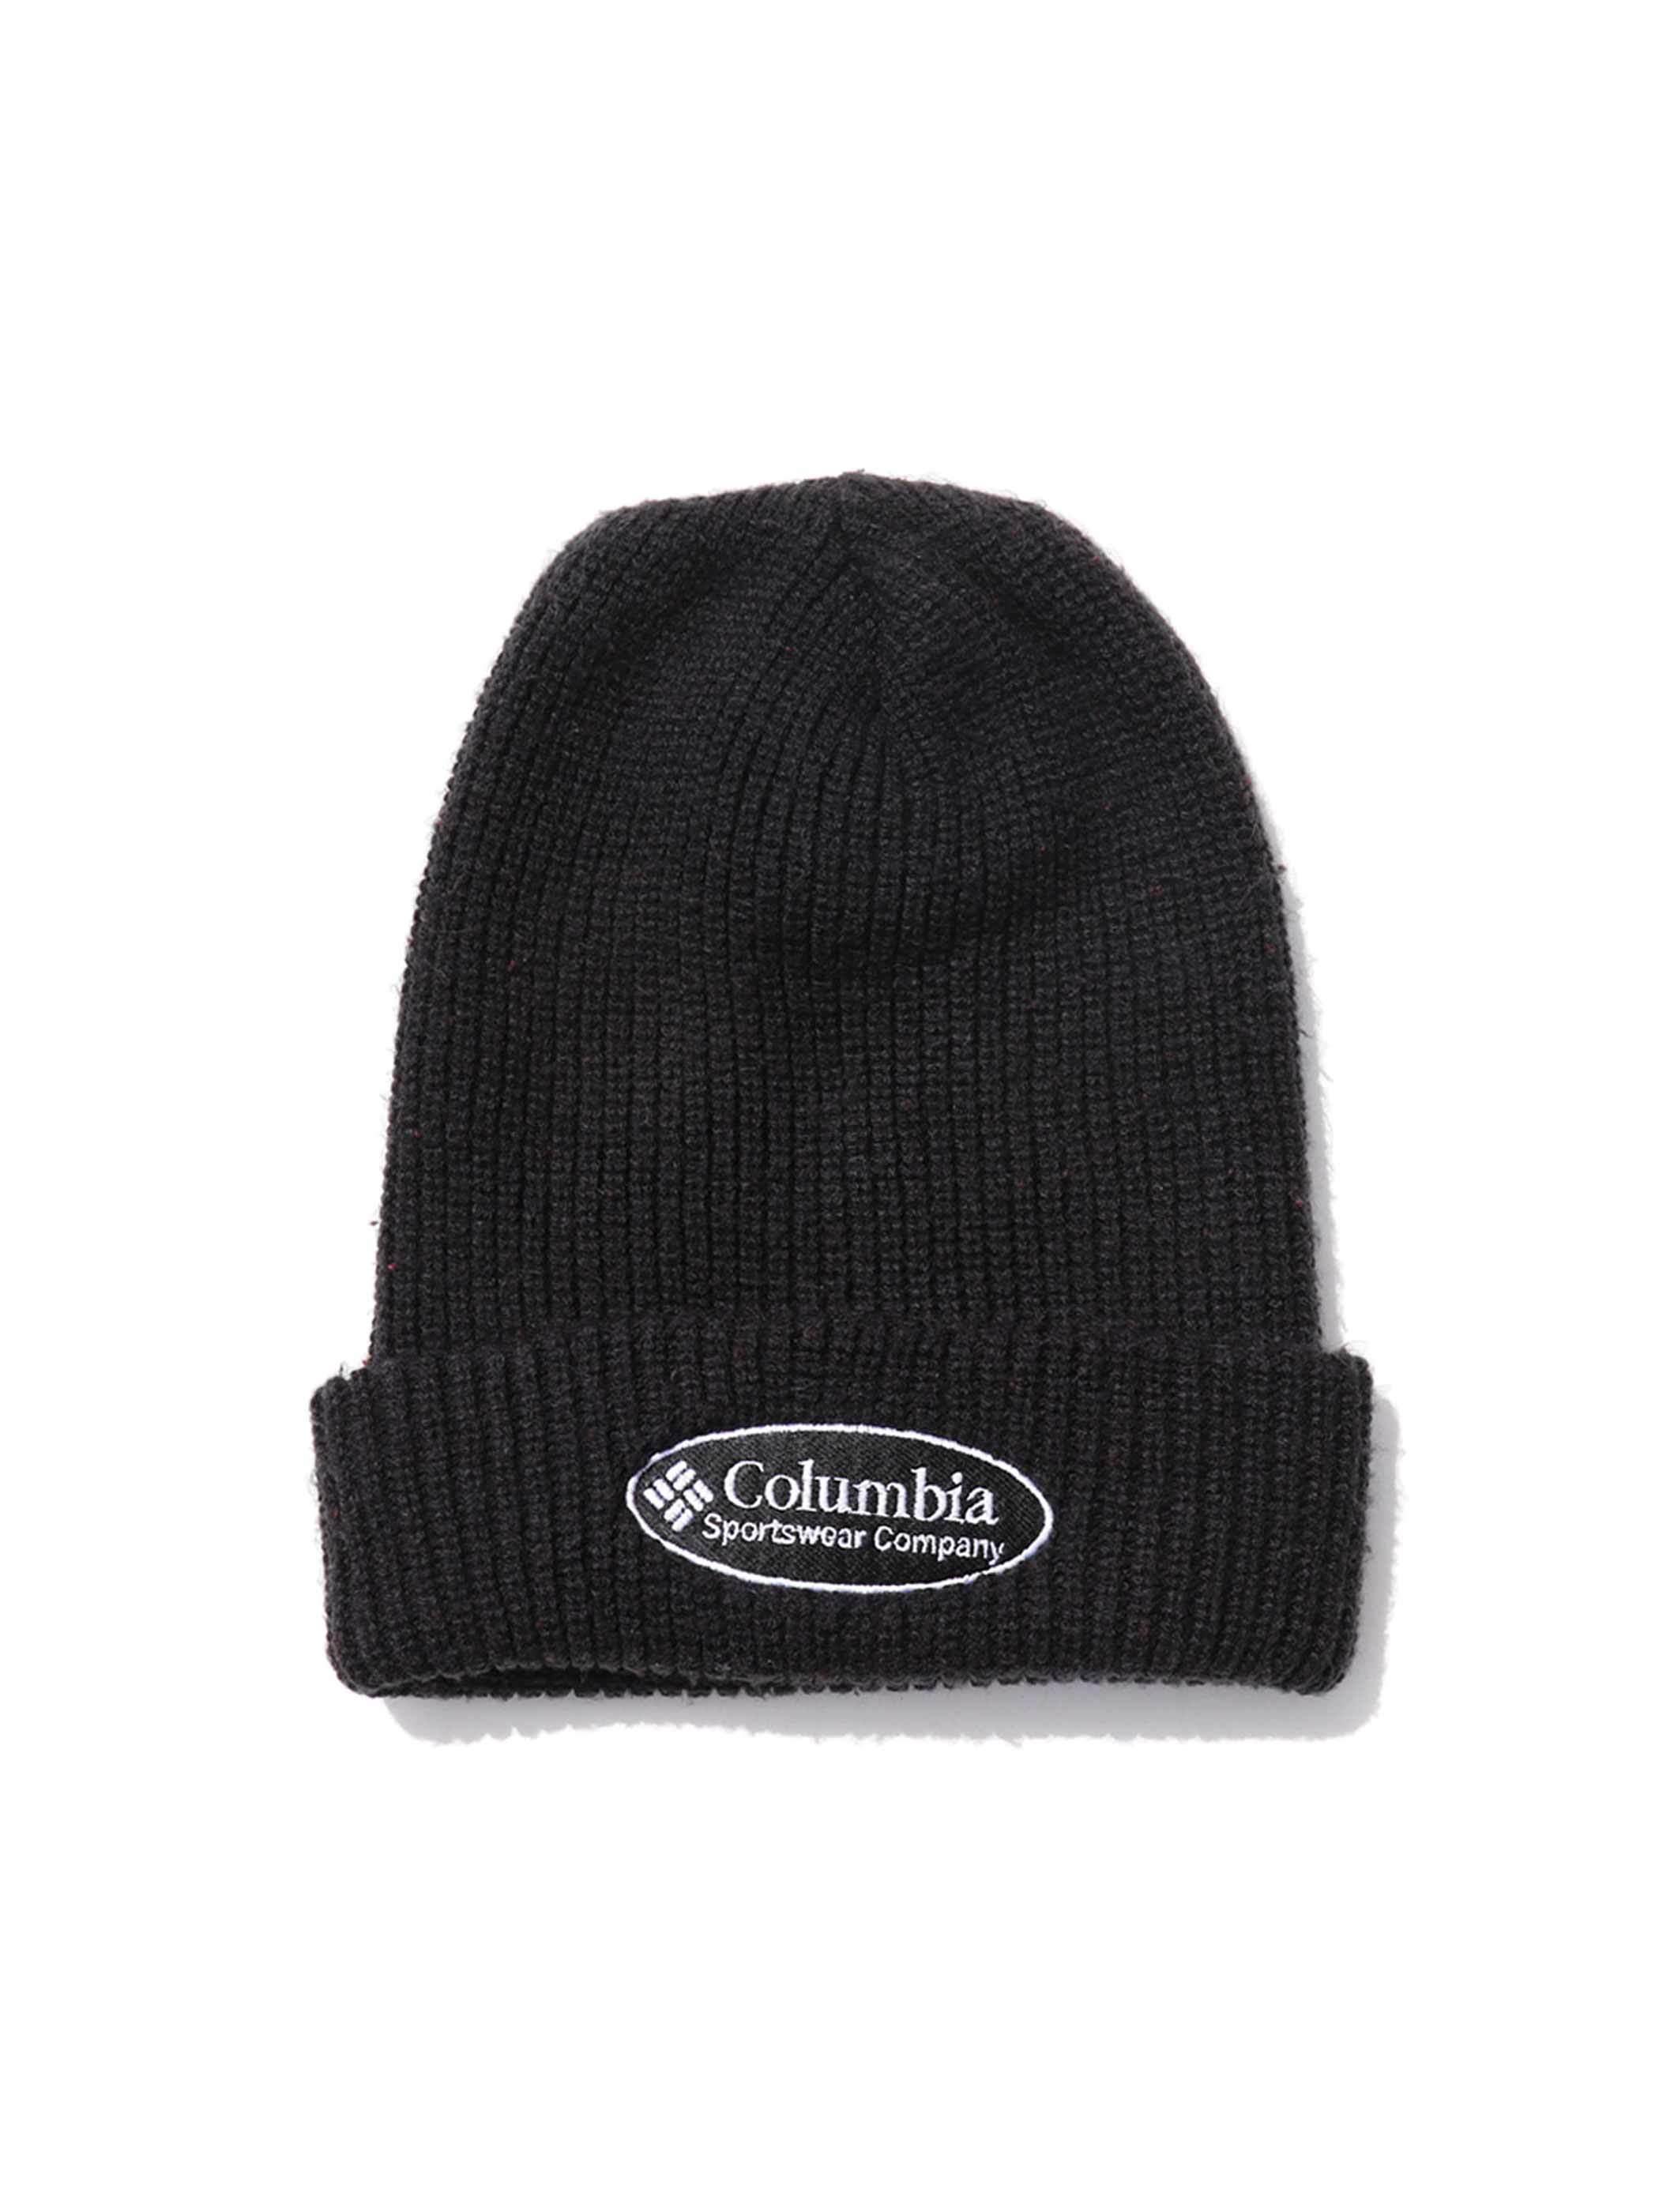 90's COLUMBIA ブラック ニットキャップ [FREE]